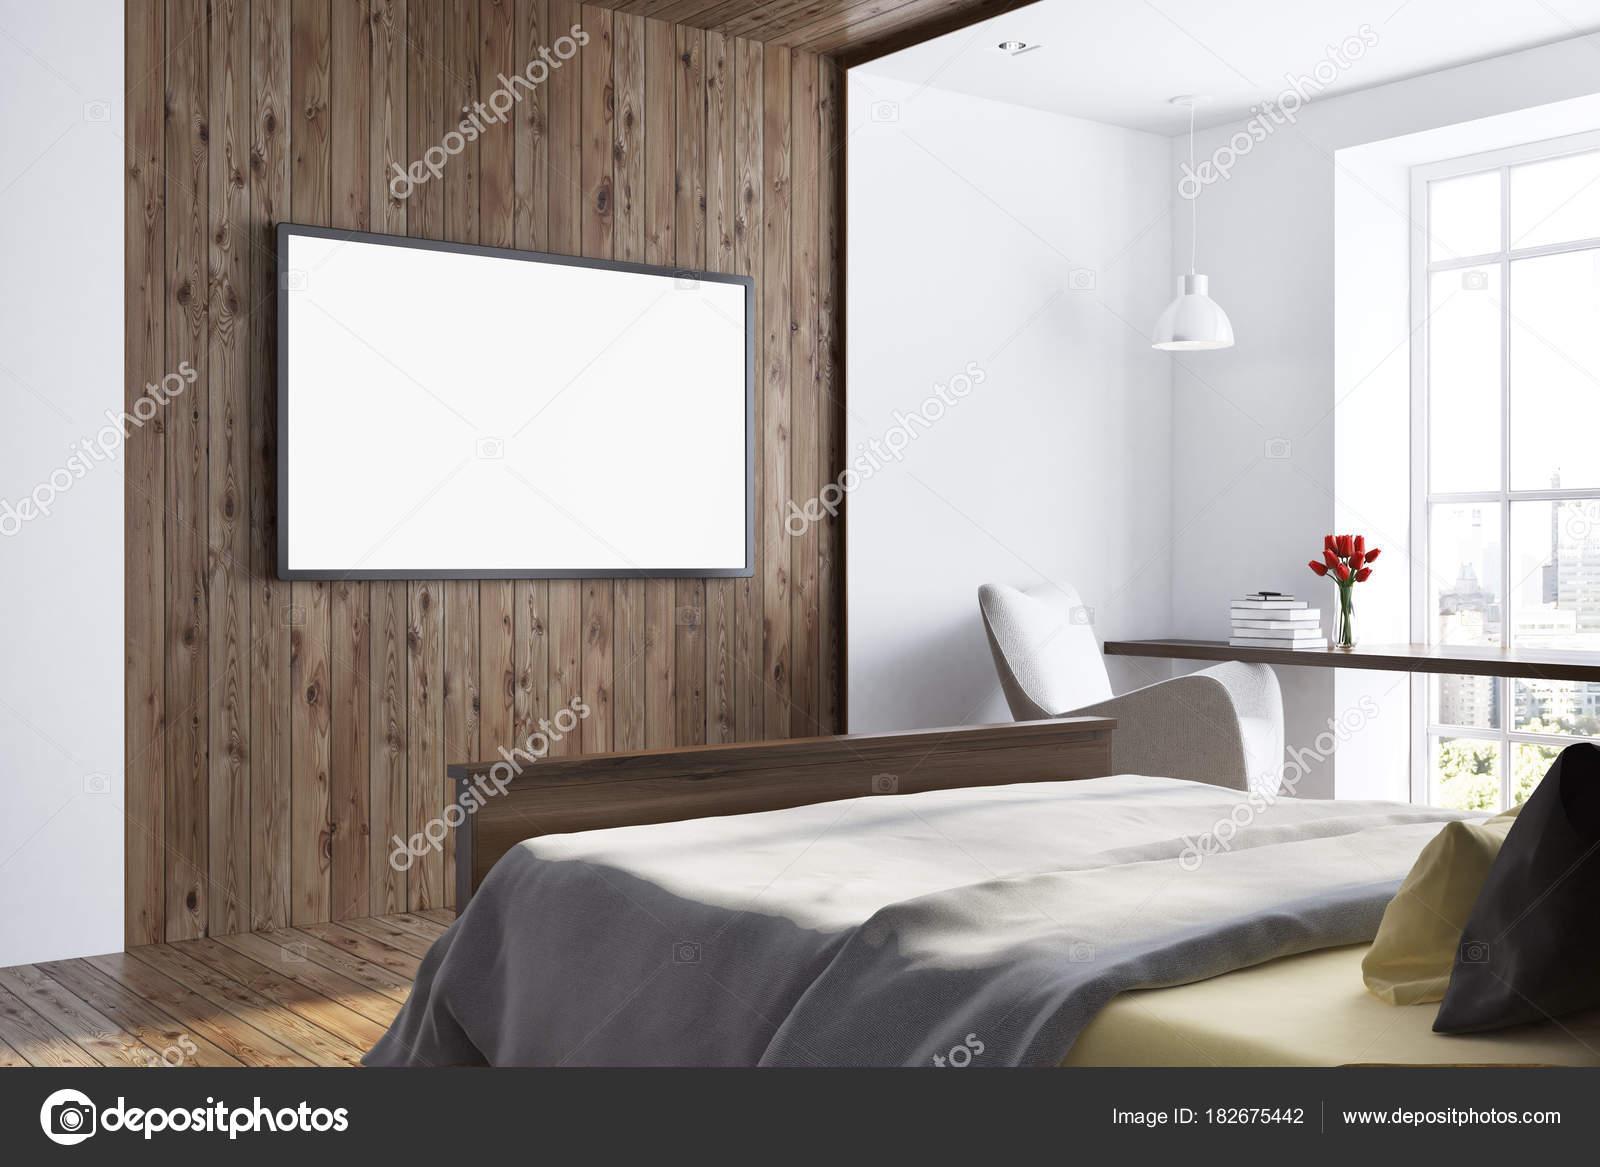 https://st3.depositphotos.com/2673929/18267/i/1600/depositphotos_182675442-stockafbeelding-donkere-houten-en-witte-slaapkamer.jpg